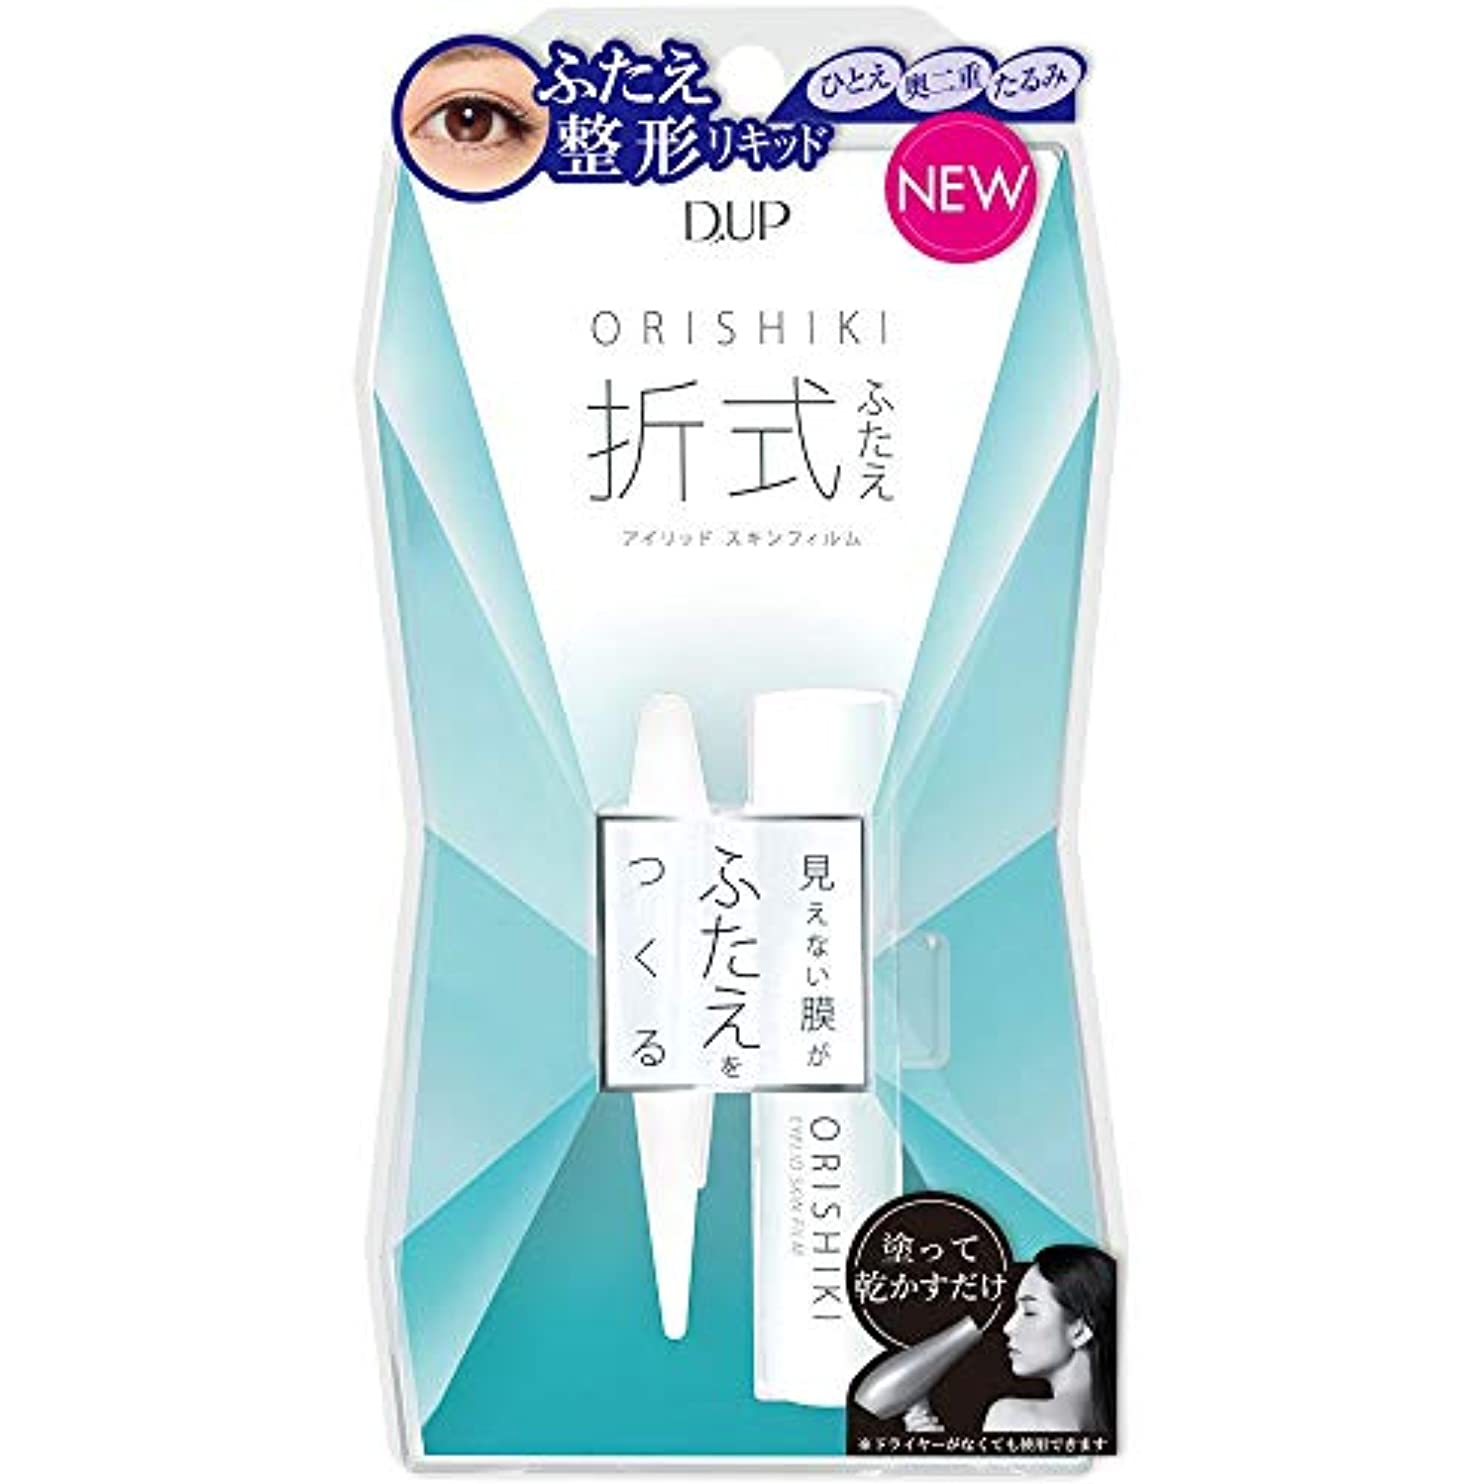 気楽なコールド入射D-UP(ディーアップ) D-UP オリシキ アイリッドスキンフィルム 単品 4mL